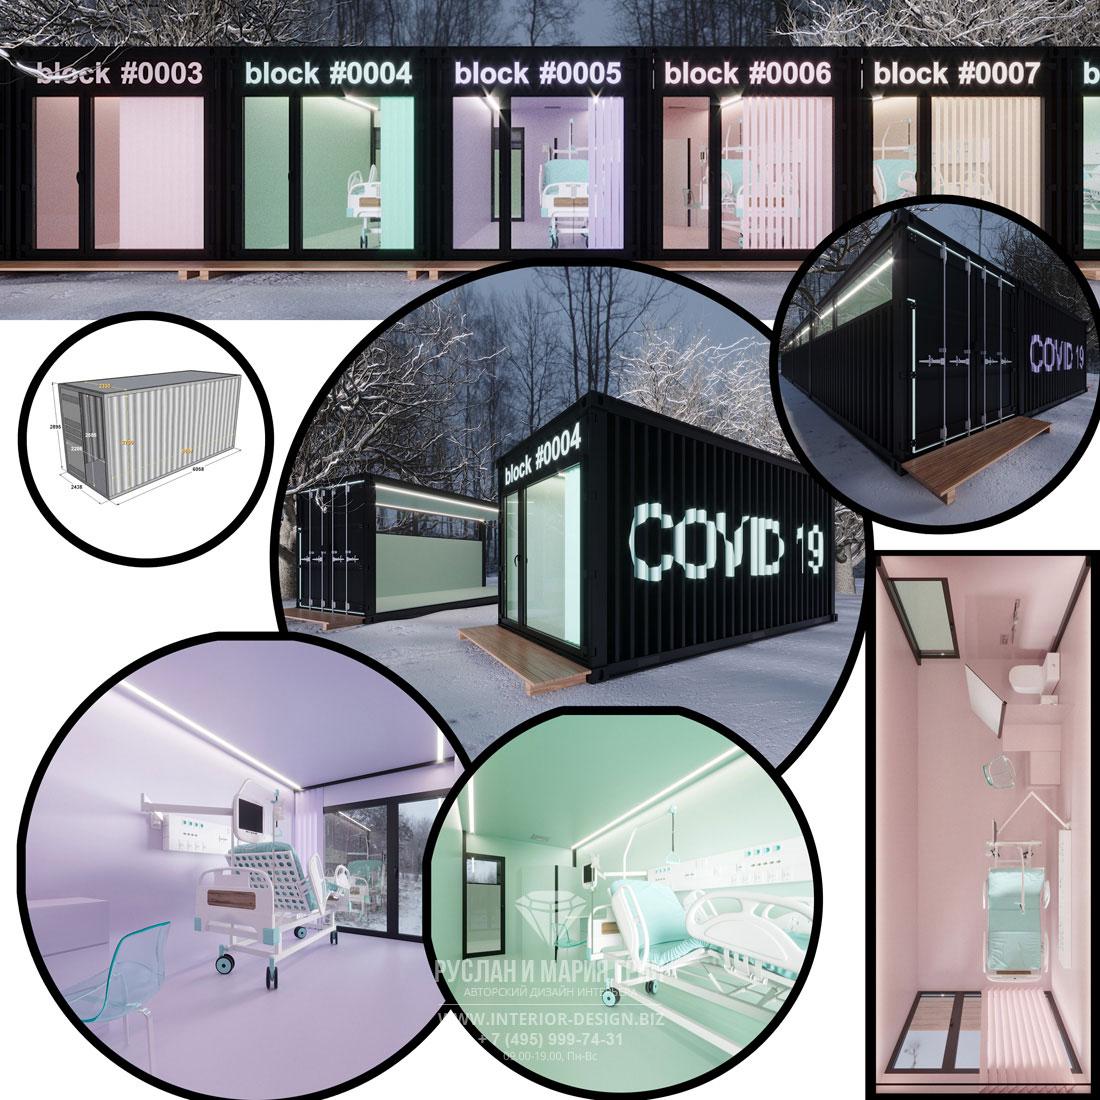 Проект COVID-19. Дизайн быстрого передвижного инфекционного госпиталя